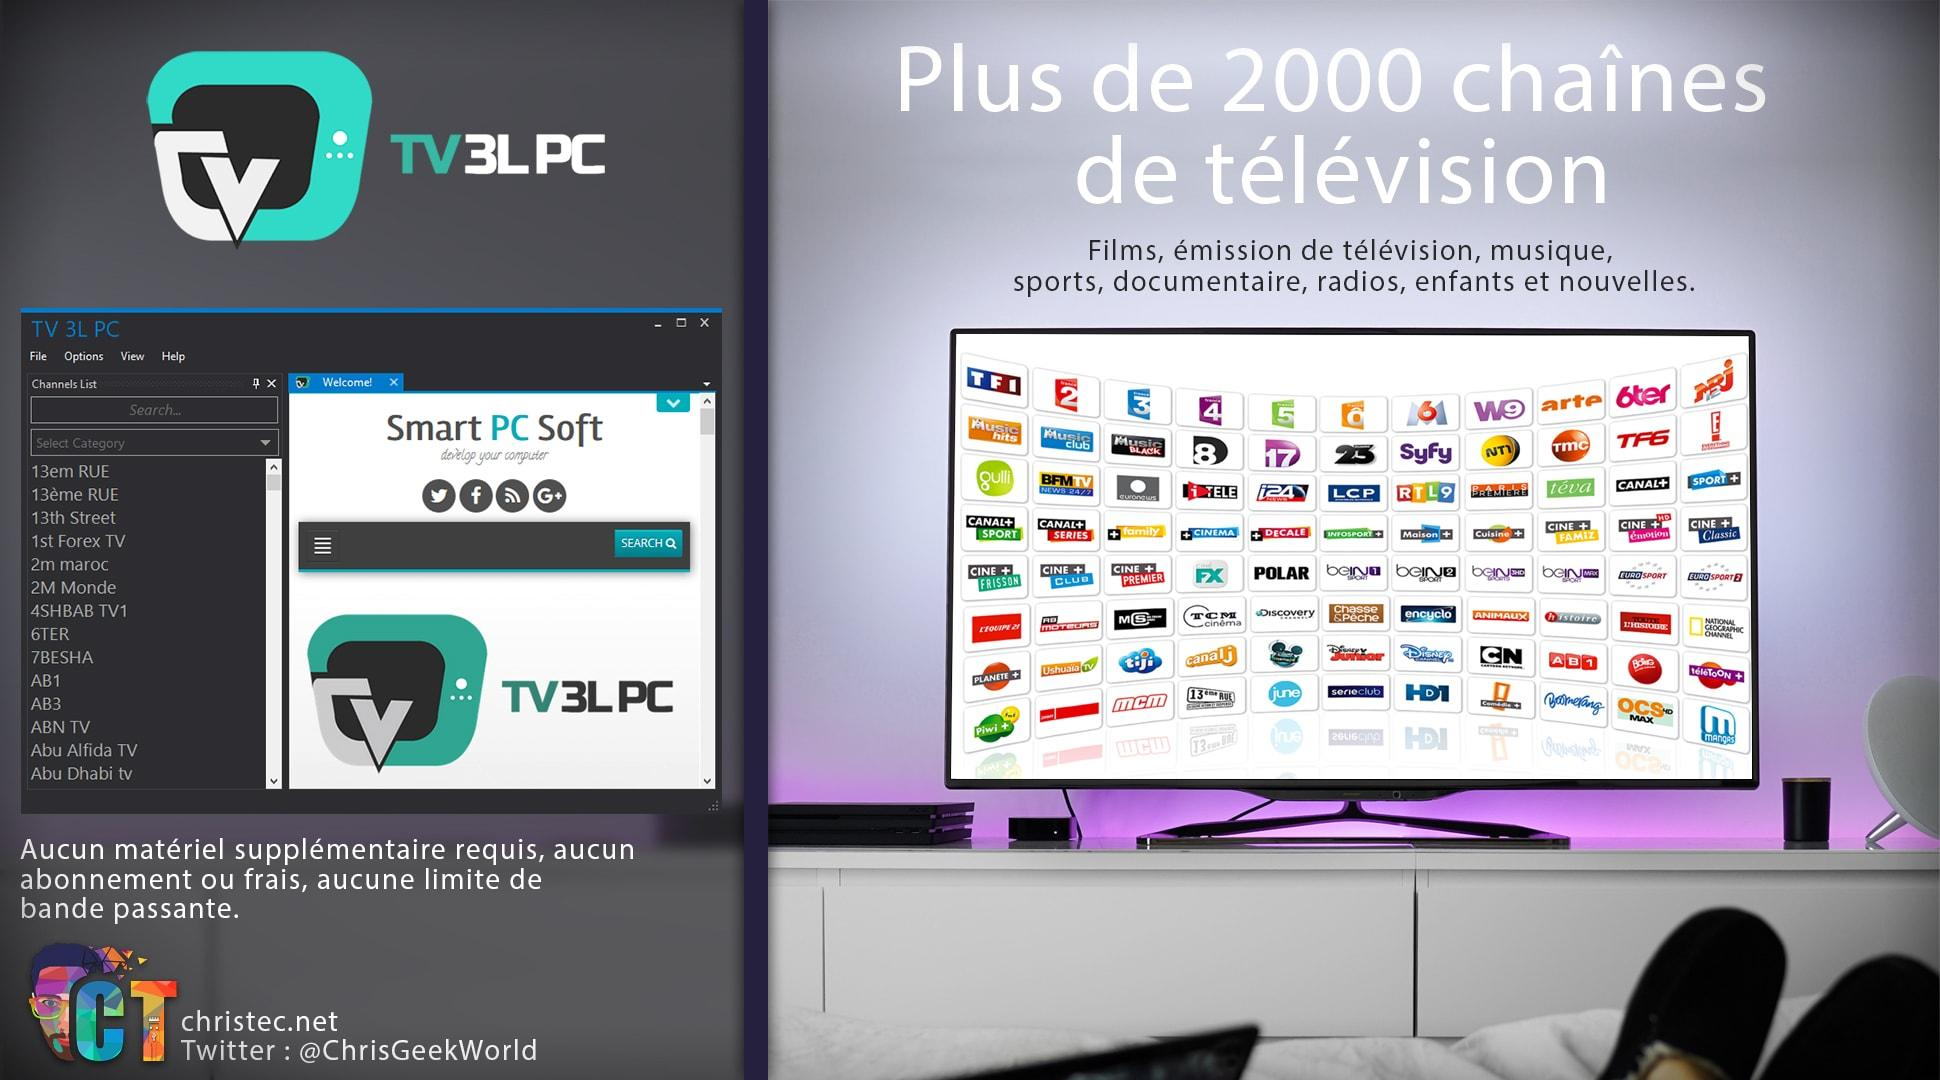 Bonjour à tous, dans cet article je vous présente un logiciel capable  d afficher plus de 2000 chaînes de télévision en IP TV. Il s agit de TV 3L  PC ... dfdac2096b21